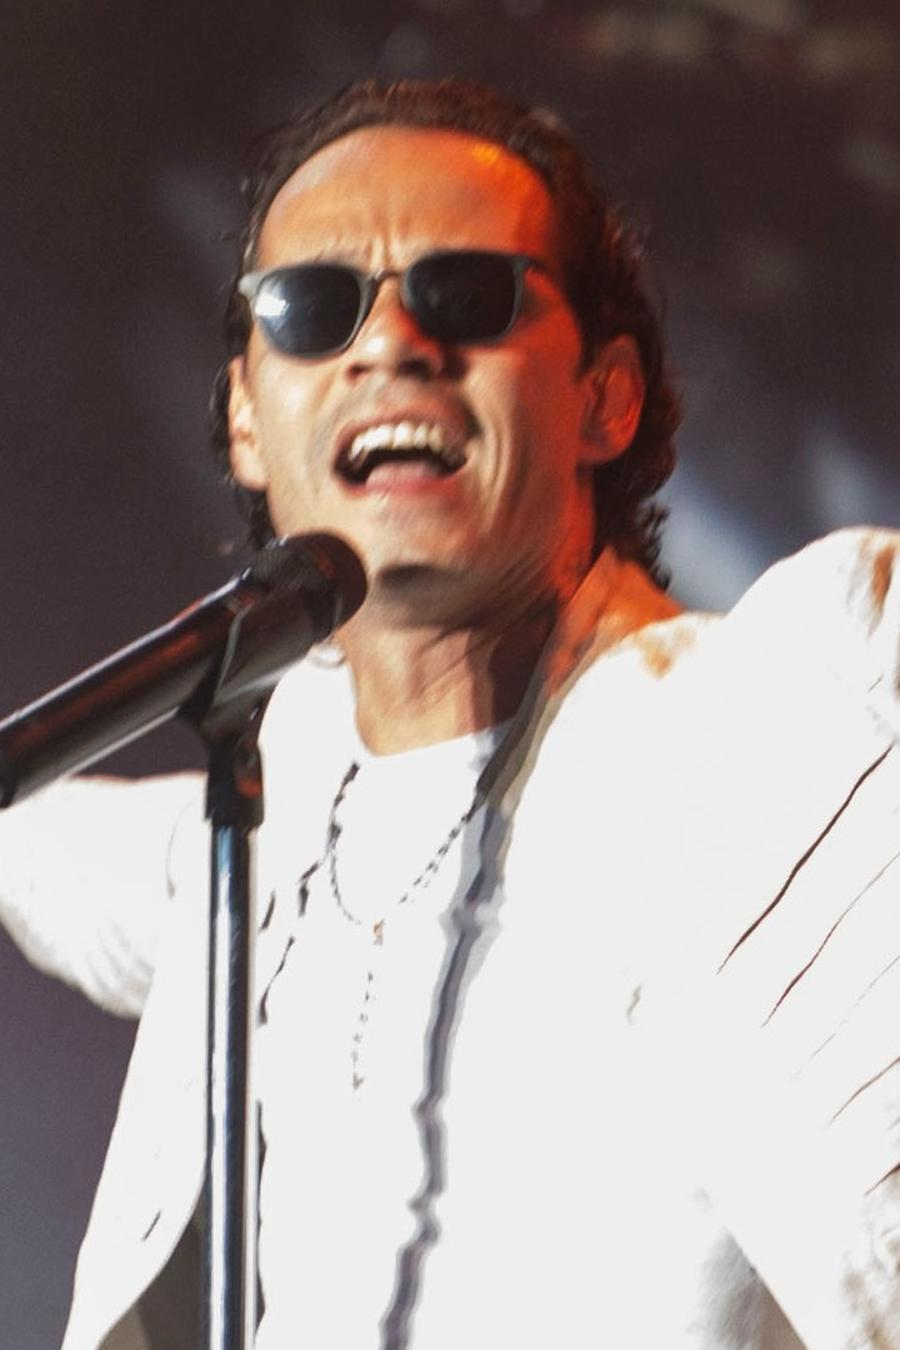 Marc Anthony singing